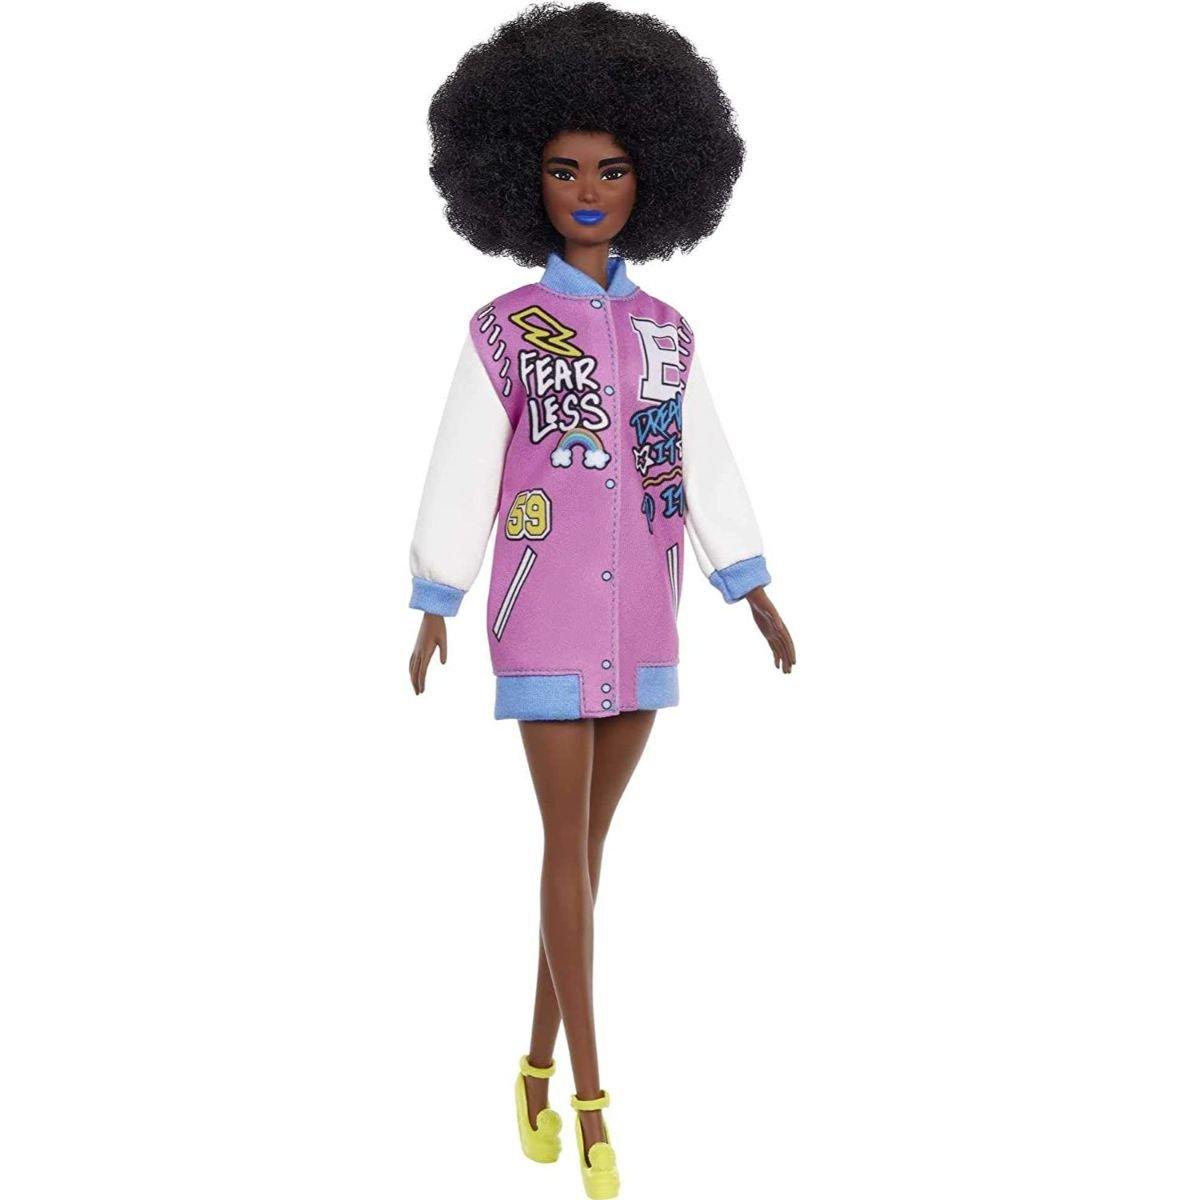 Papusa Barbie Fashionistas, GRB48